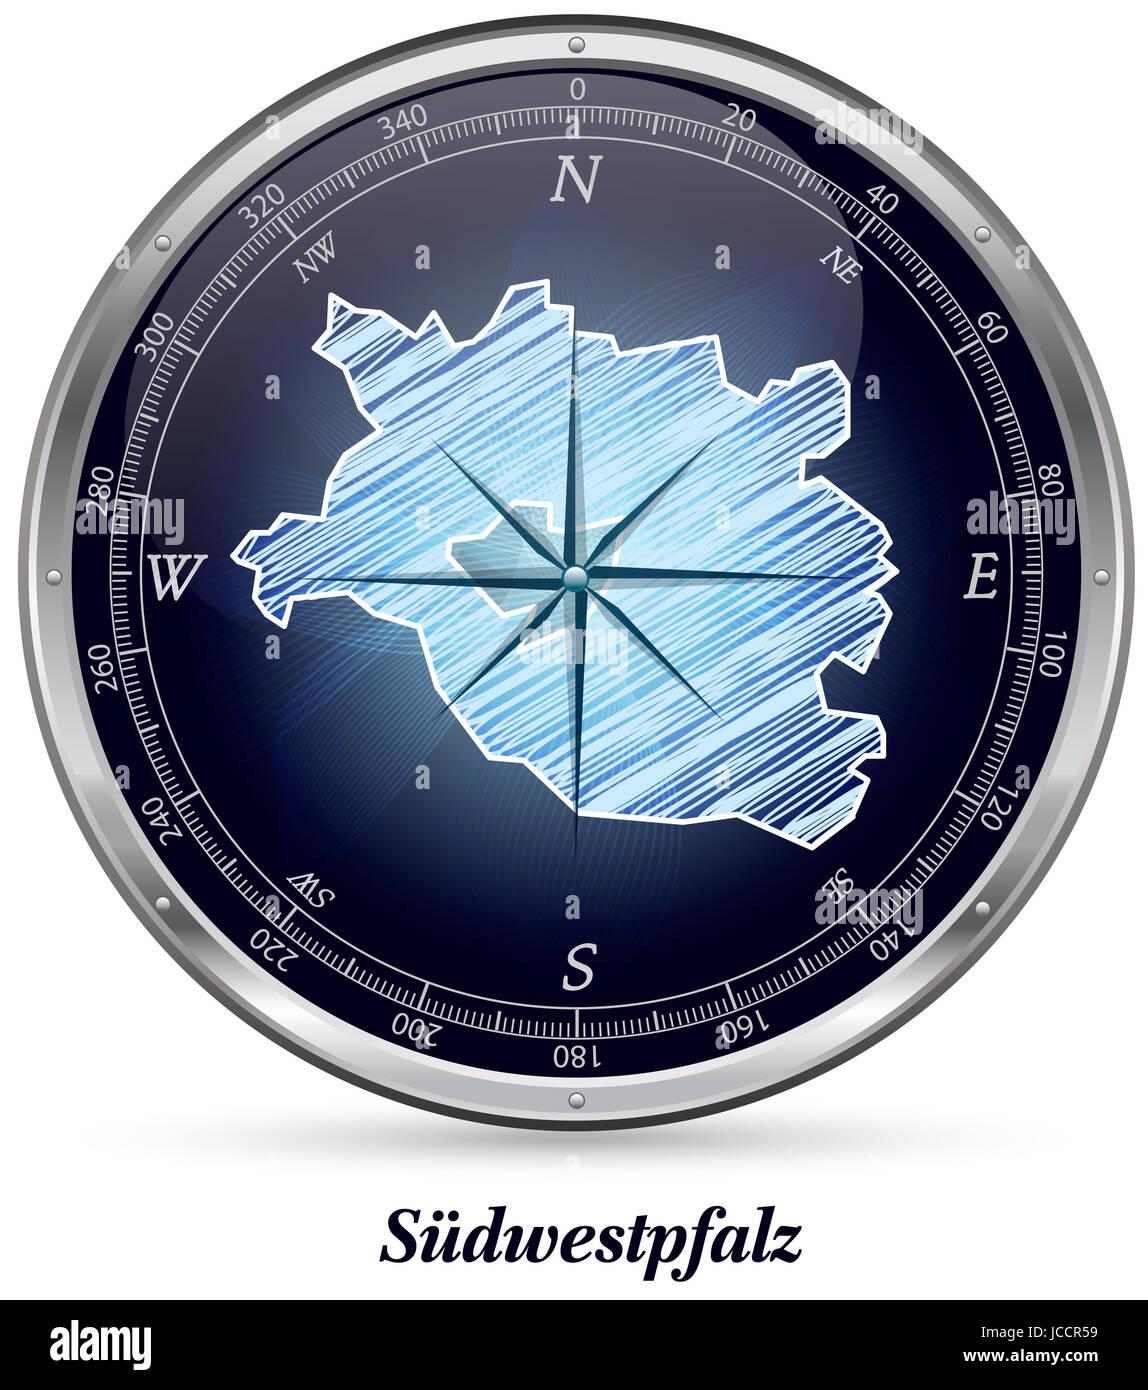 Suedwestpfalz mit Grenzen in Chrom Stock Photo